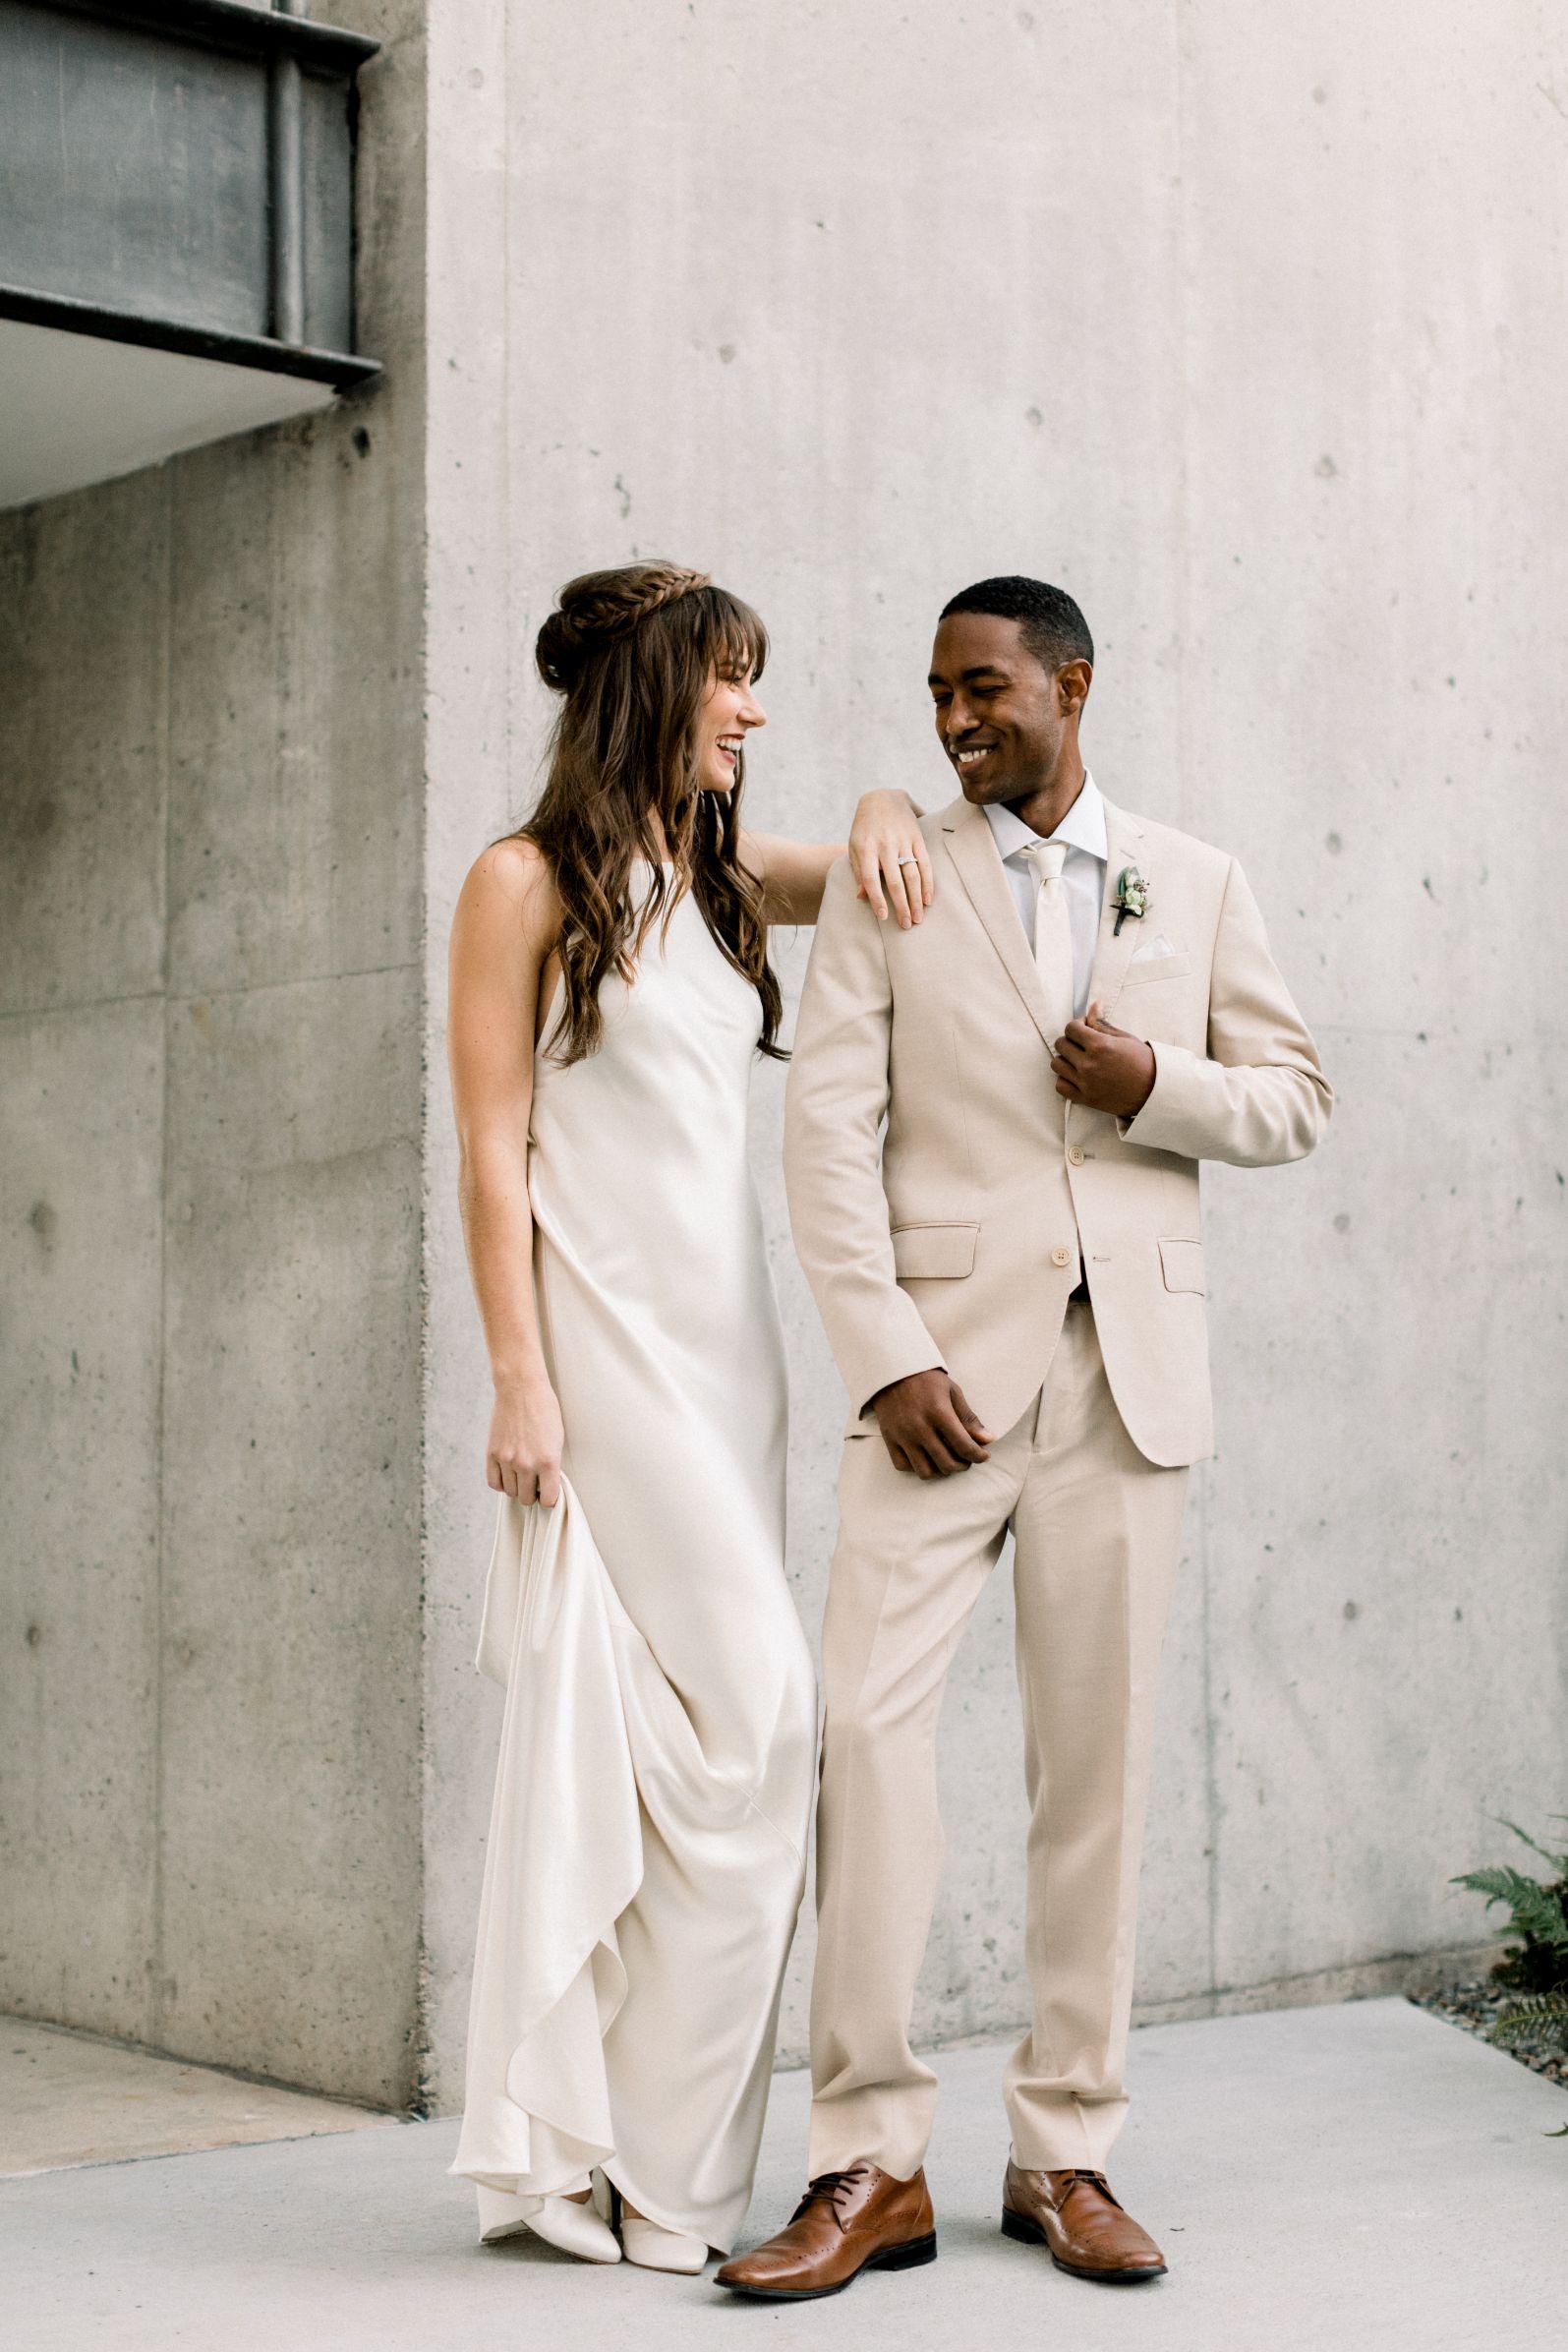 artists-for-humanity-industrial-bohemian-wedding-daylynn-designs136.jpg